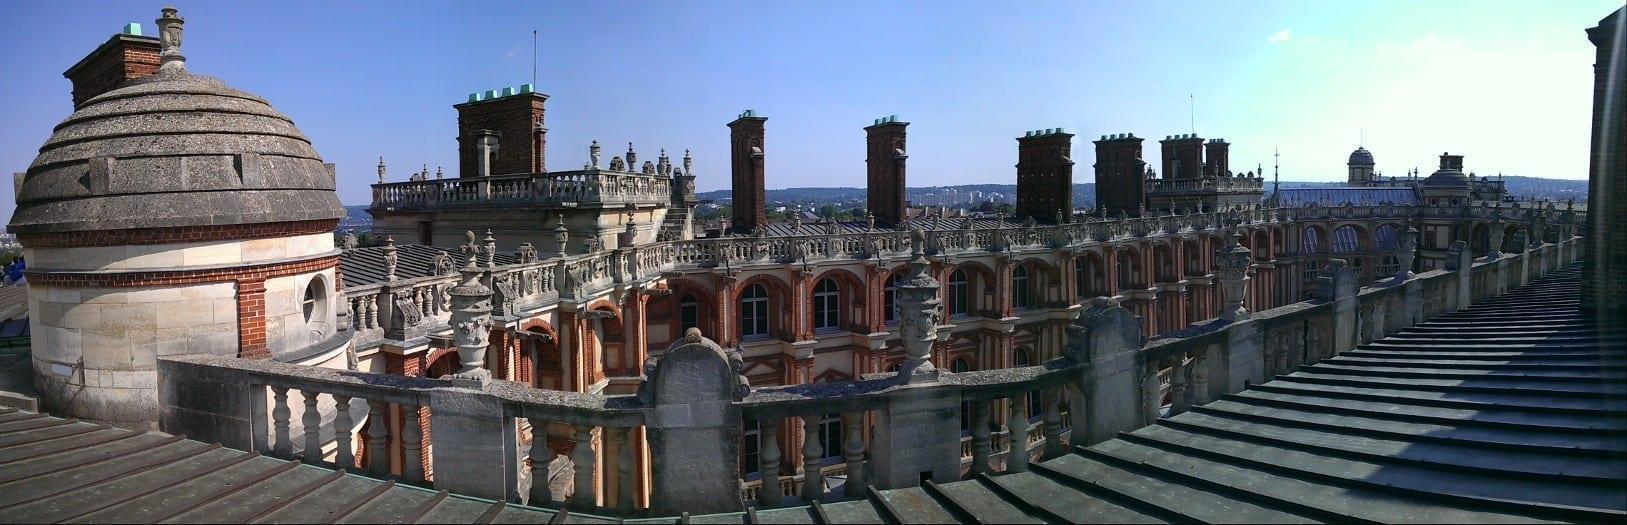 圣日尔曼昂莱王宫(Saint-Germain-en-Laye)楼顶。该城堡是于路易十四时代迁入凡尔赛宫前法国王室的主要居住地